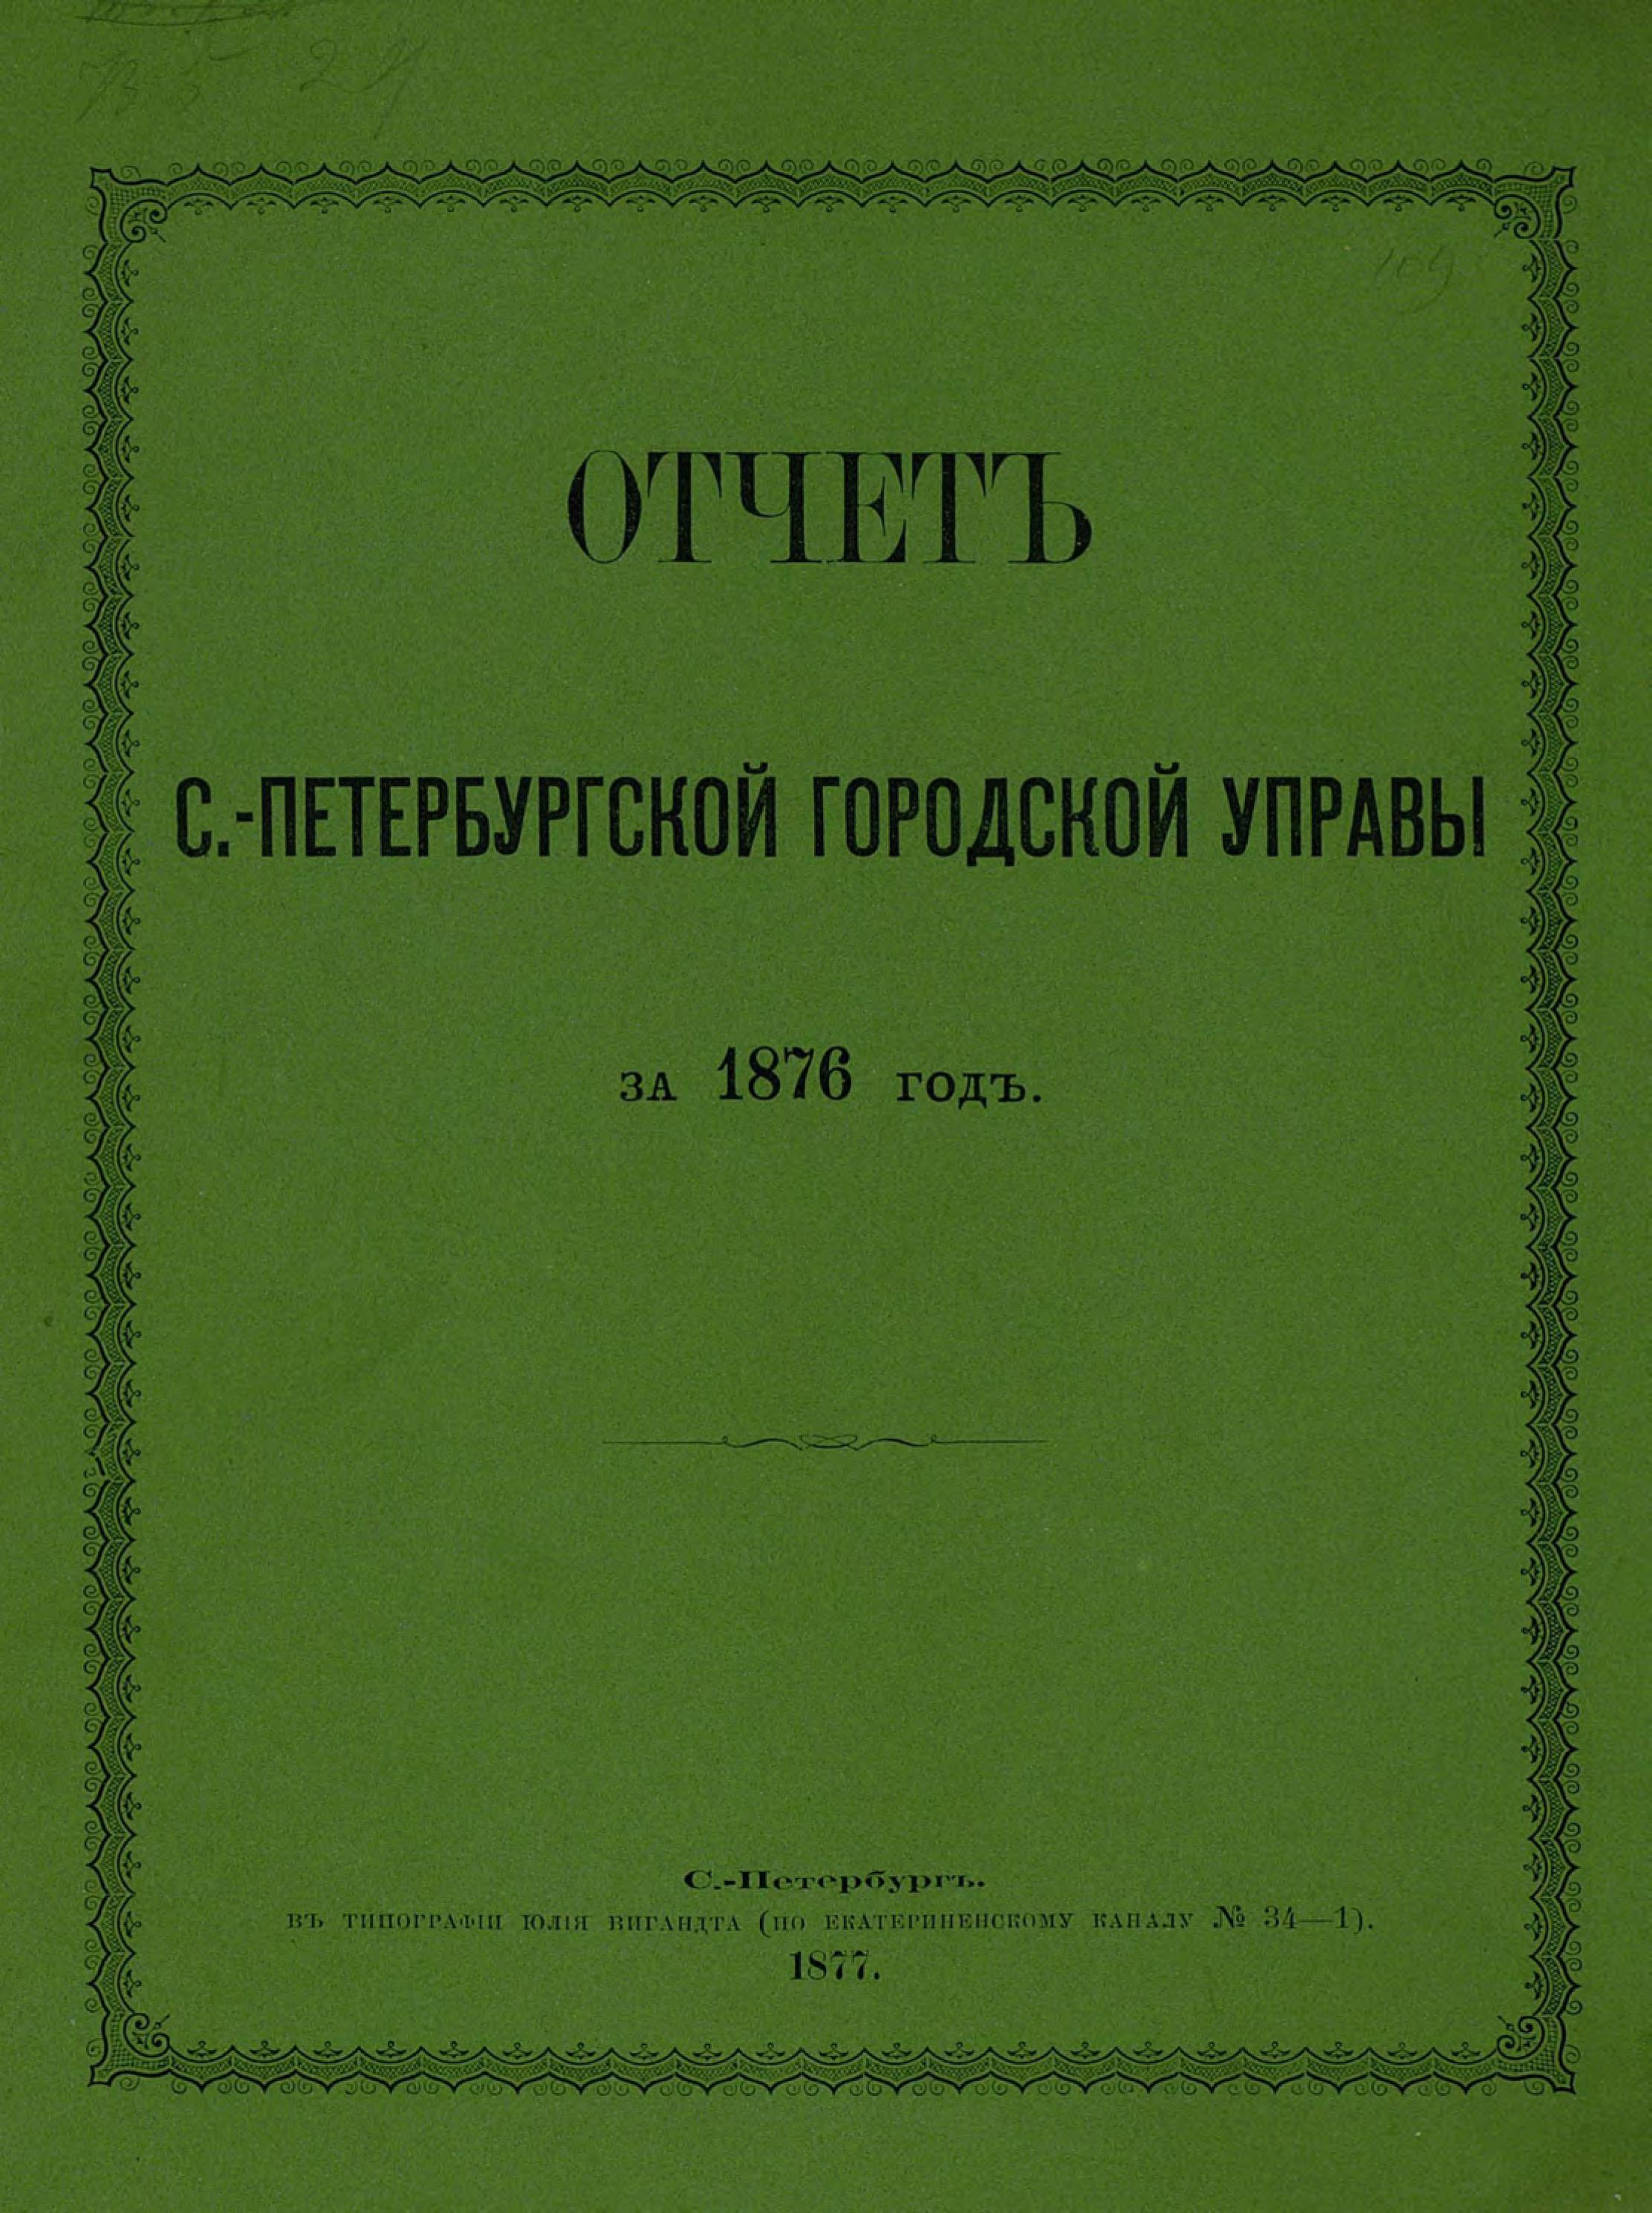 Коллектив авторов Отчет городской управы за 1876 г.